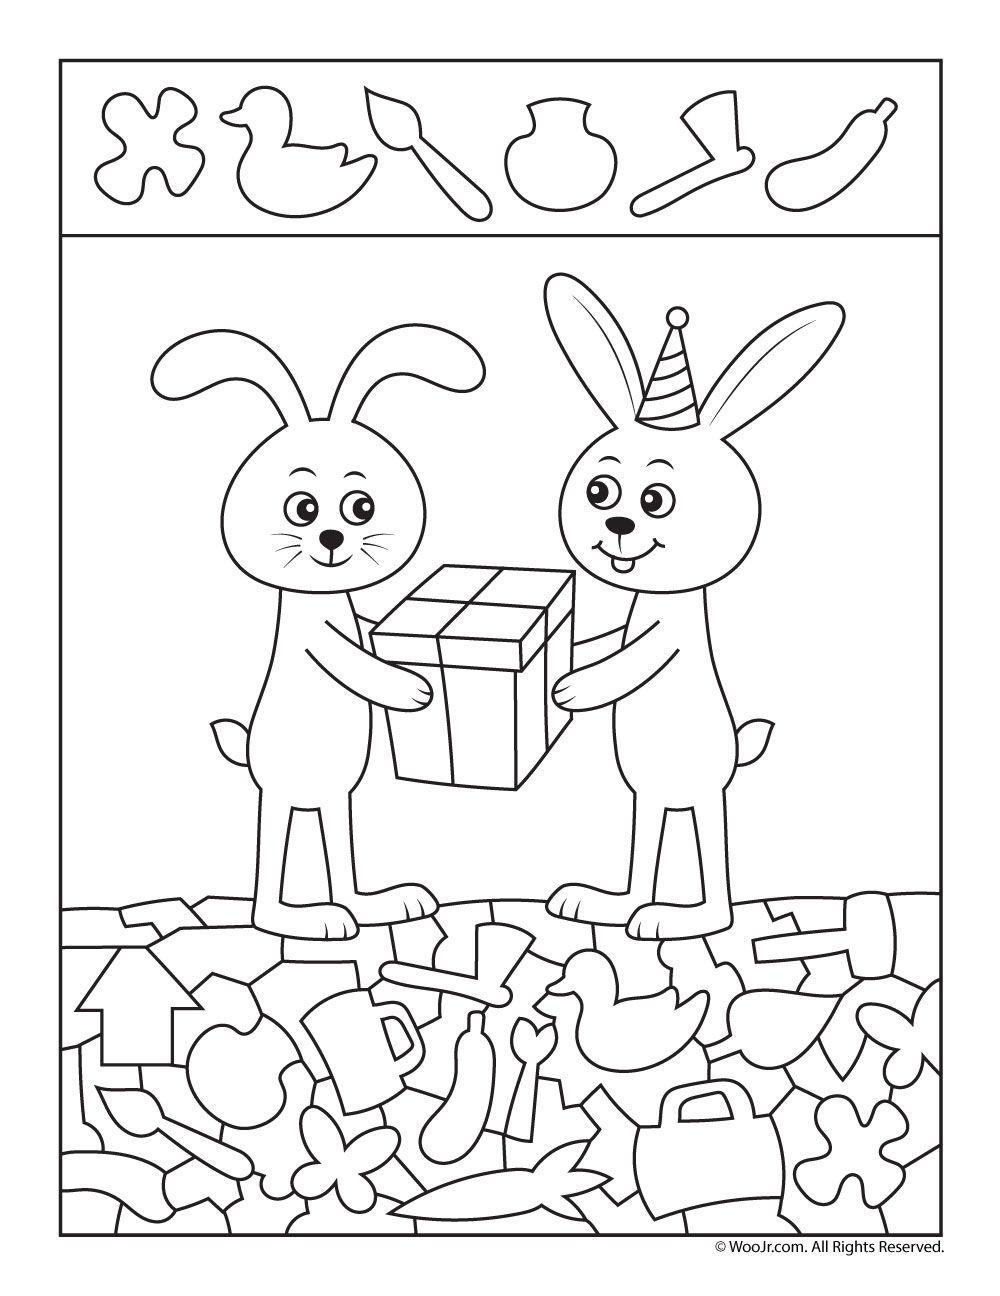 birthday gift hidden picture worksheet logop dia pinterest cherche et trouve s regle de vie. Black Bedroom Furniture Sets. Home Design Ideas